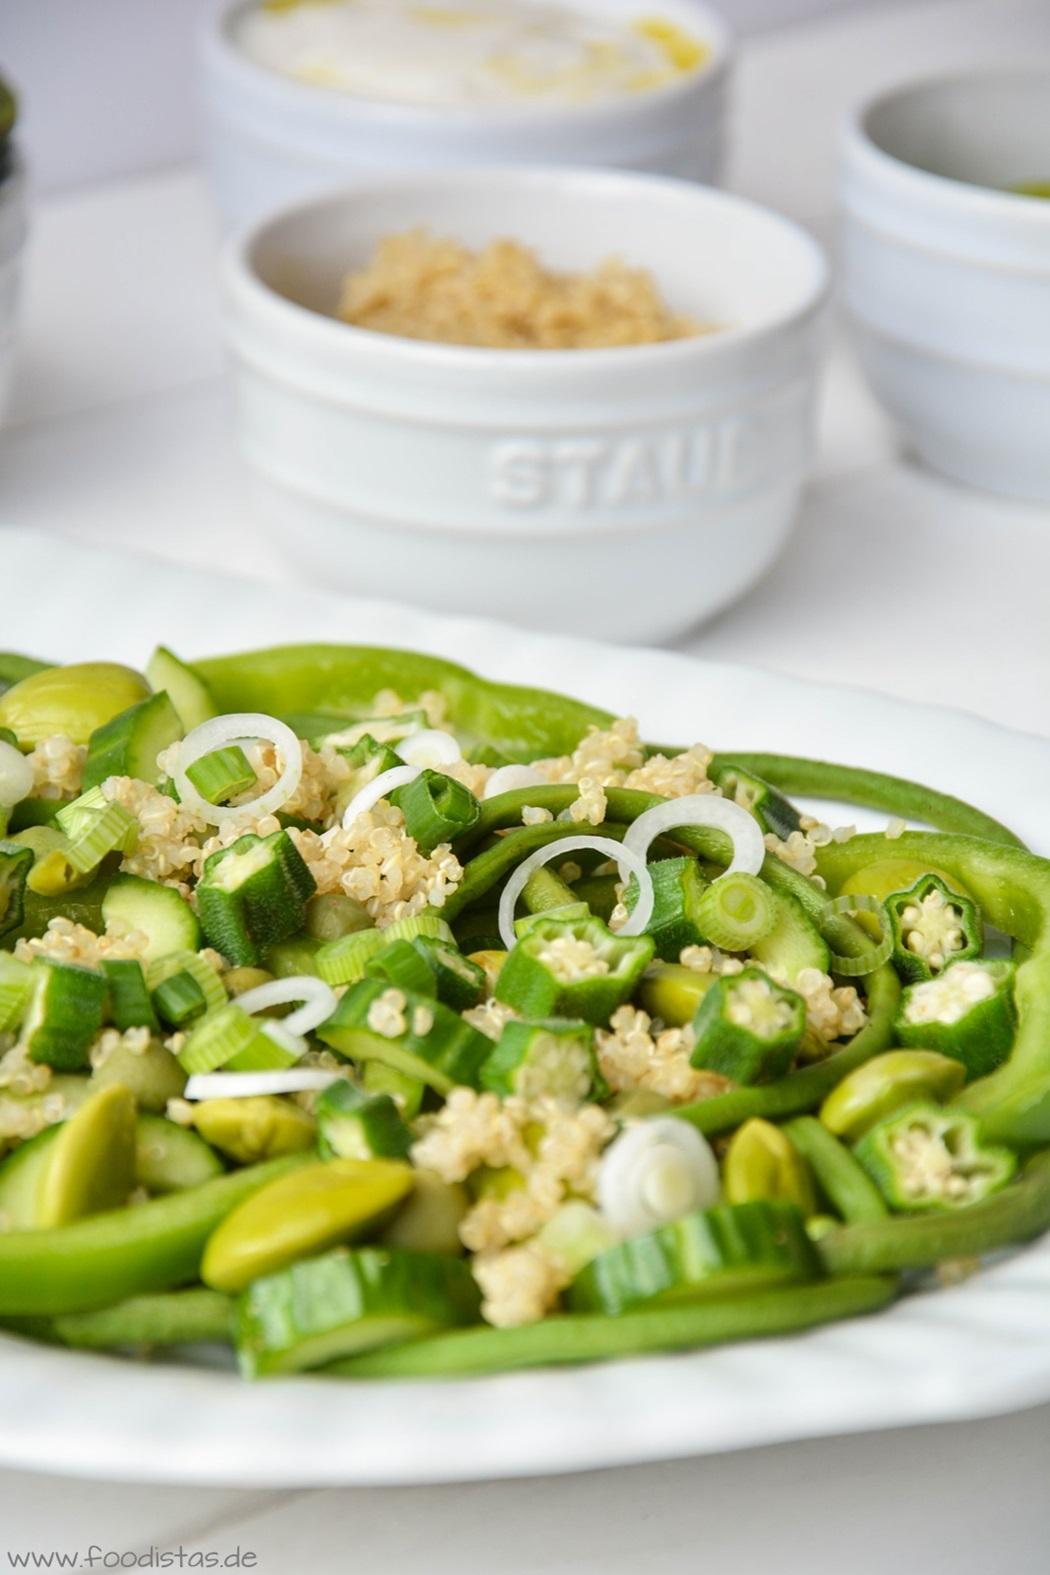 #SuperfoodSamstag mit einem Rezept für einen grünen Superfood-Salat mit Quinoa von den Foodistas | #feiertaeglich